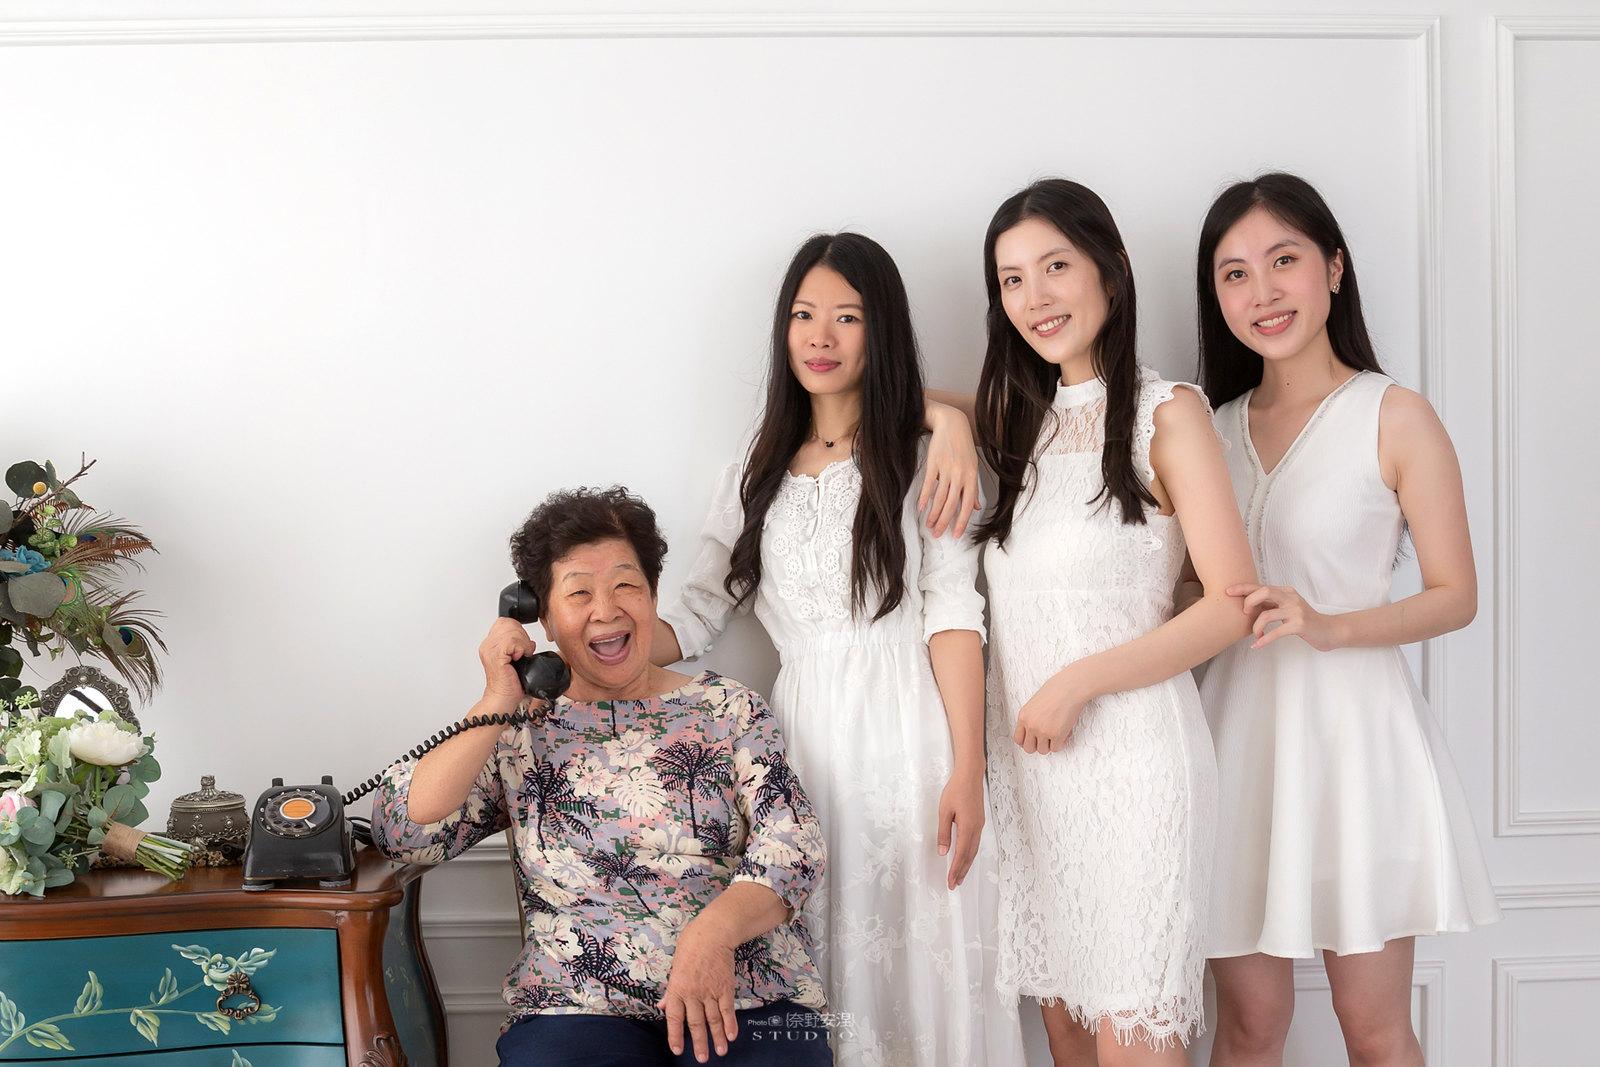 台南全家福 | 拋棄傳統合照的彆扭,忠實呈現家人間最親密的情感18